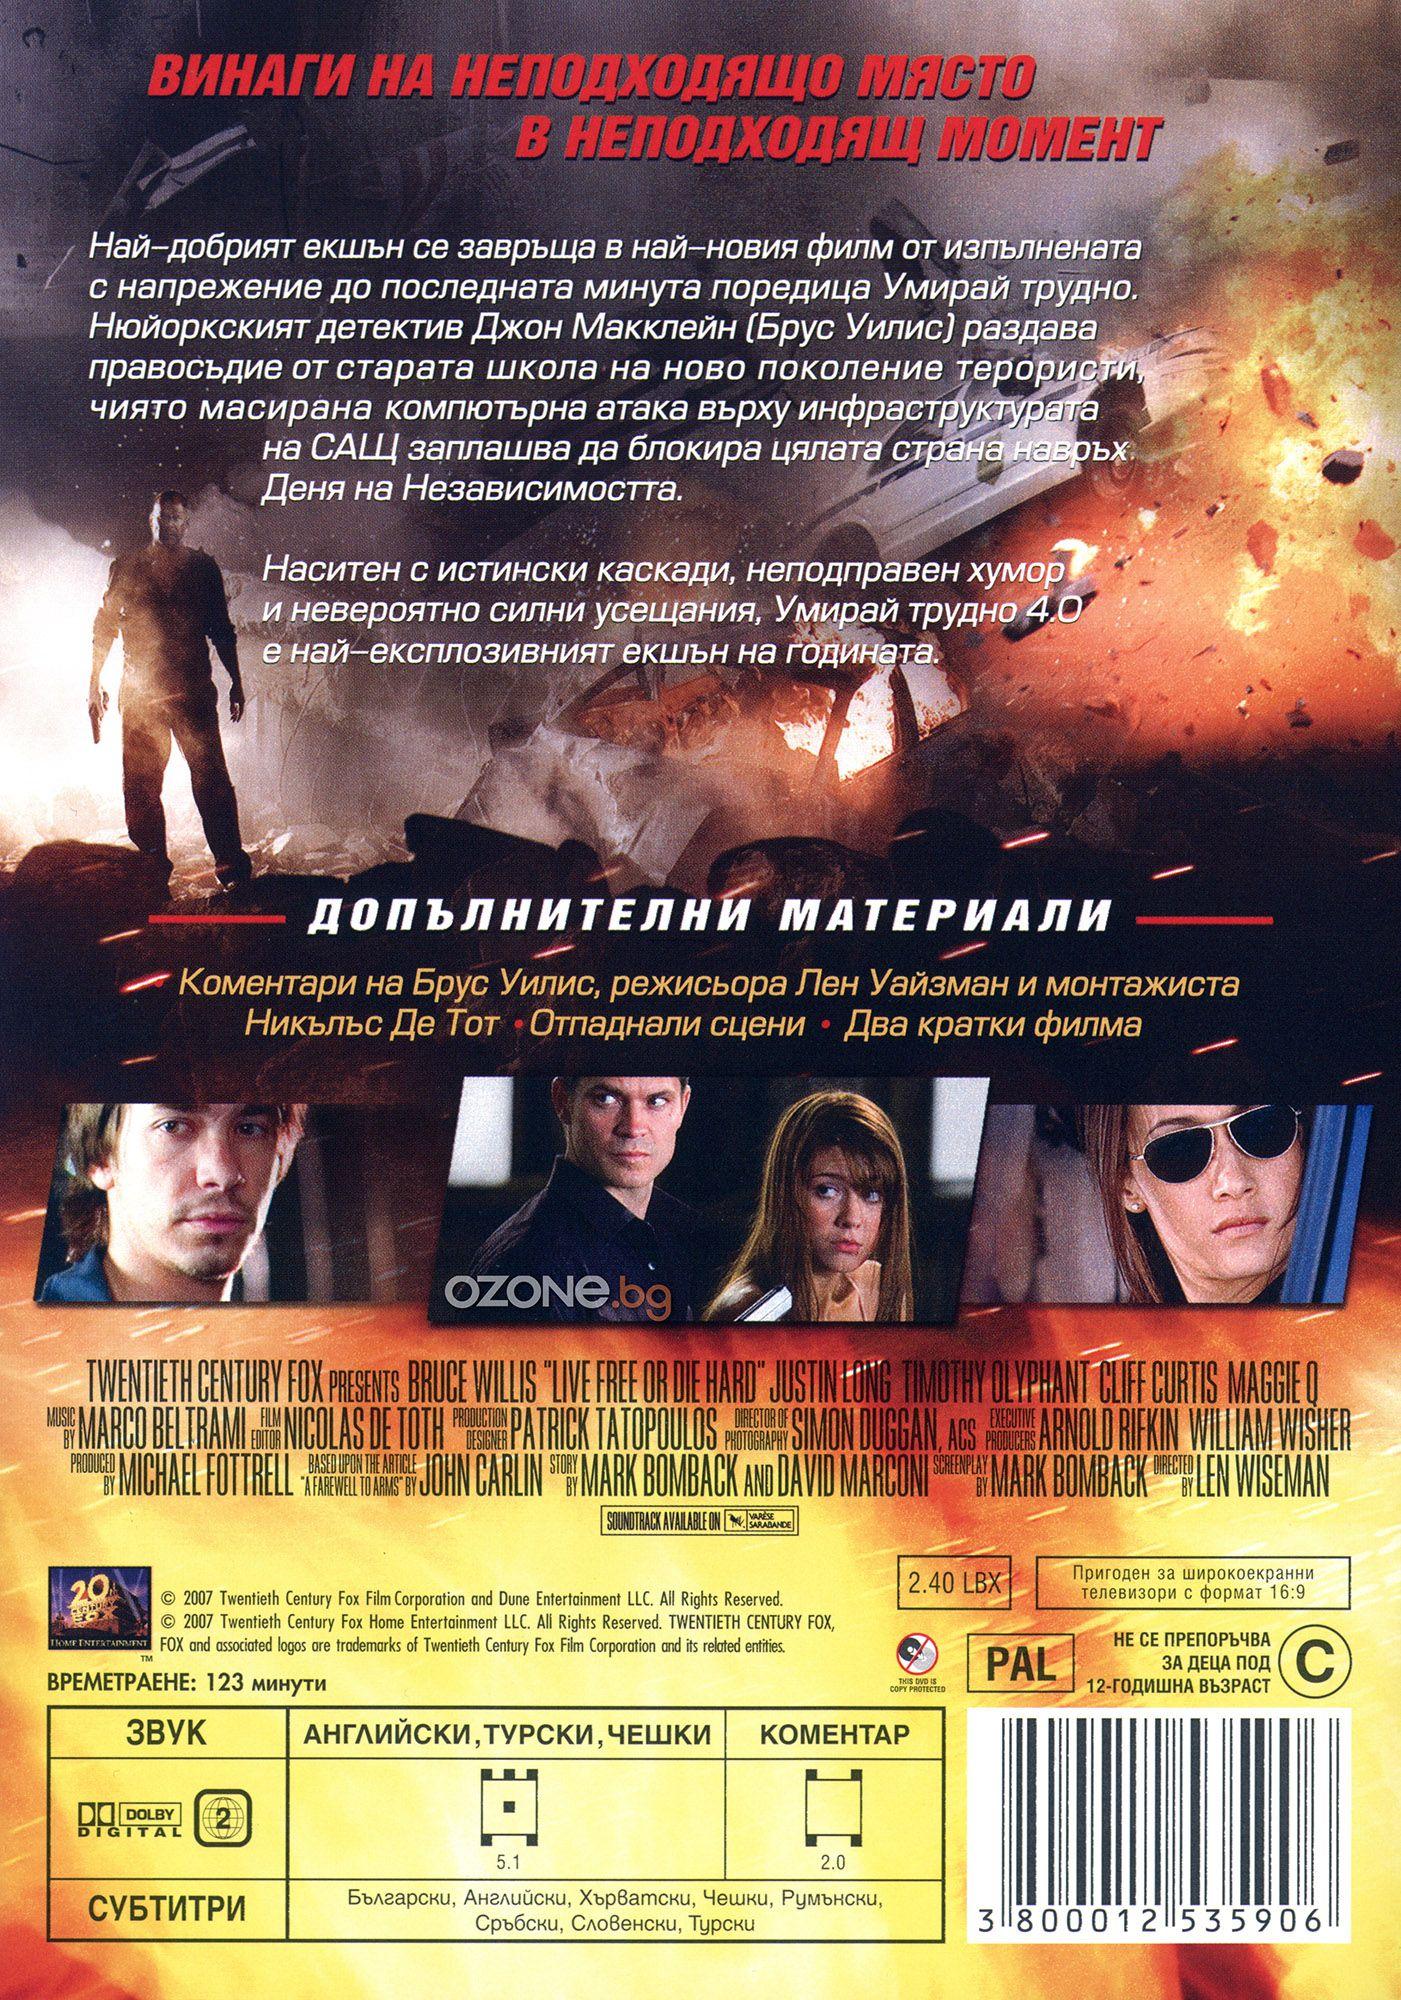 Умирай трудно 4.0 (DVD) - 2